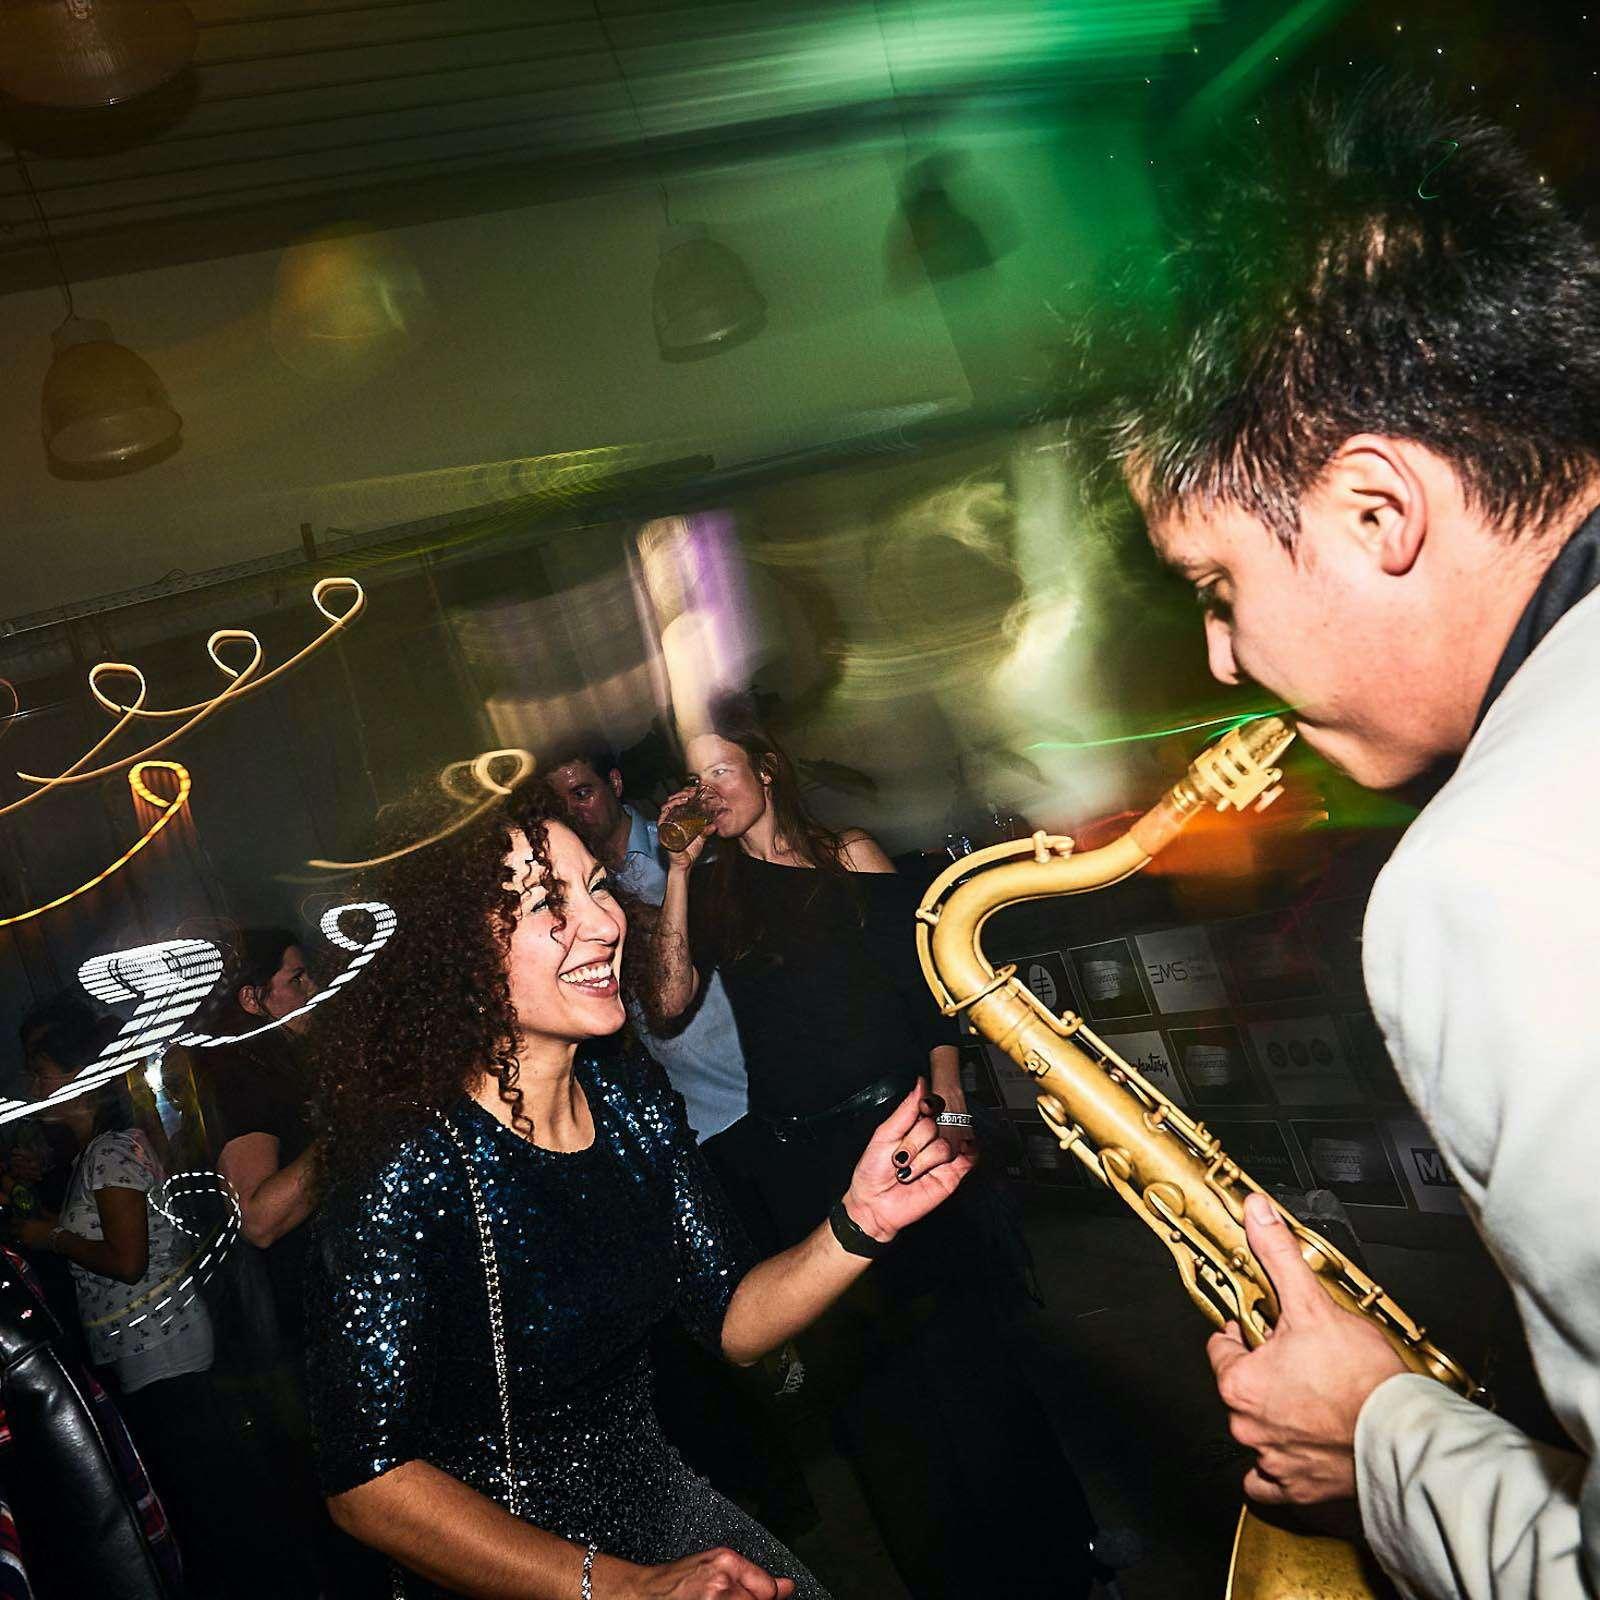 Saxophonist |Hannover |Hochzeit |Liveband |Livemusik |Partyband |Schlagzeug |Saxophone |Jazzband |Swingband |Party |DJ |Pop |Jazz |Hochzeit |Sektempfang |Messe |Firmenfeier |Gala |Buchen |Mieten |Anfragen